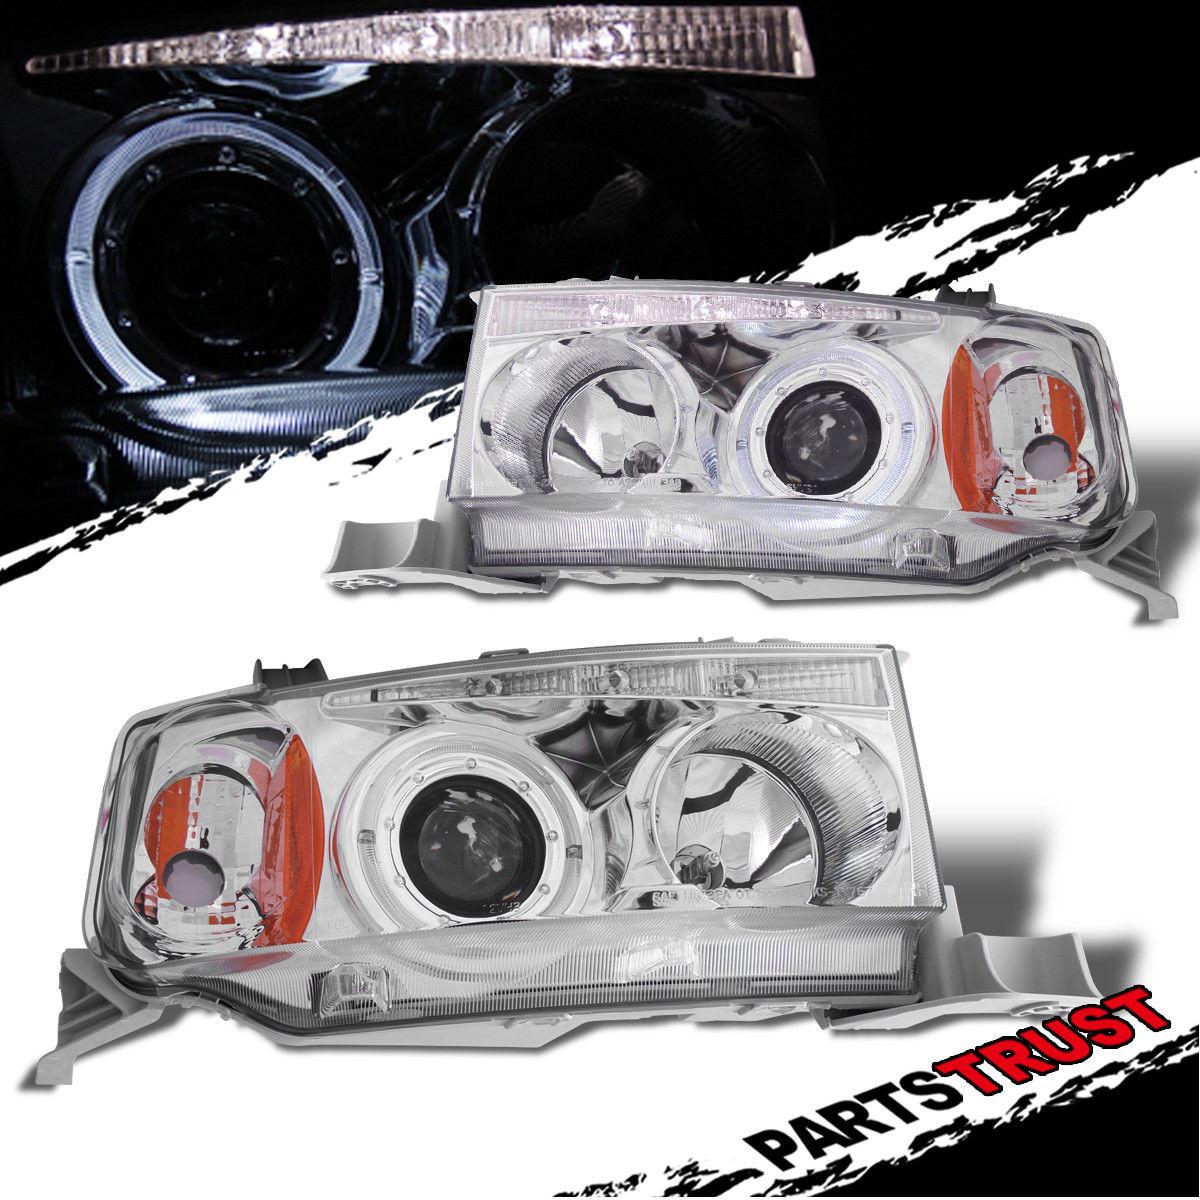 2003年~2006年 サイオンxBトヨタbB用ヘッドライト LED